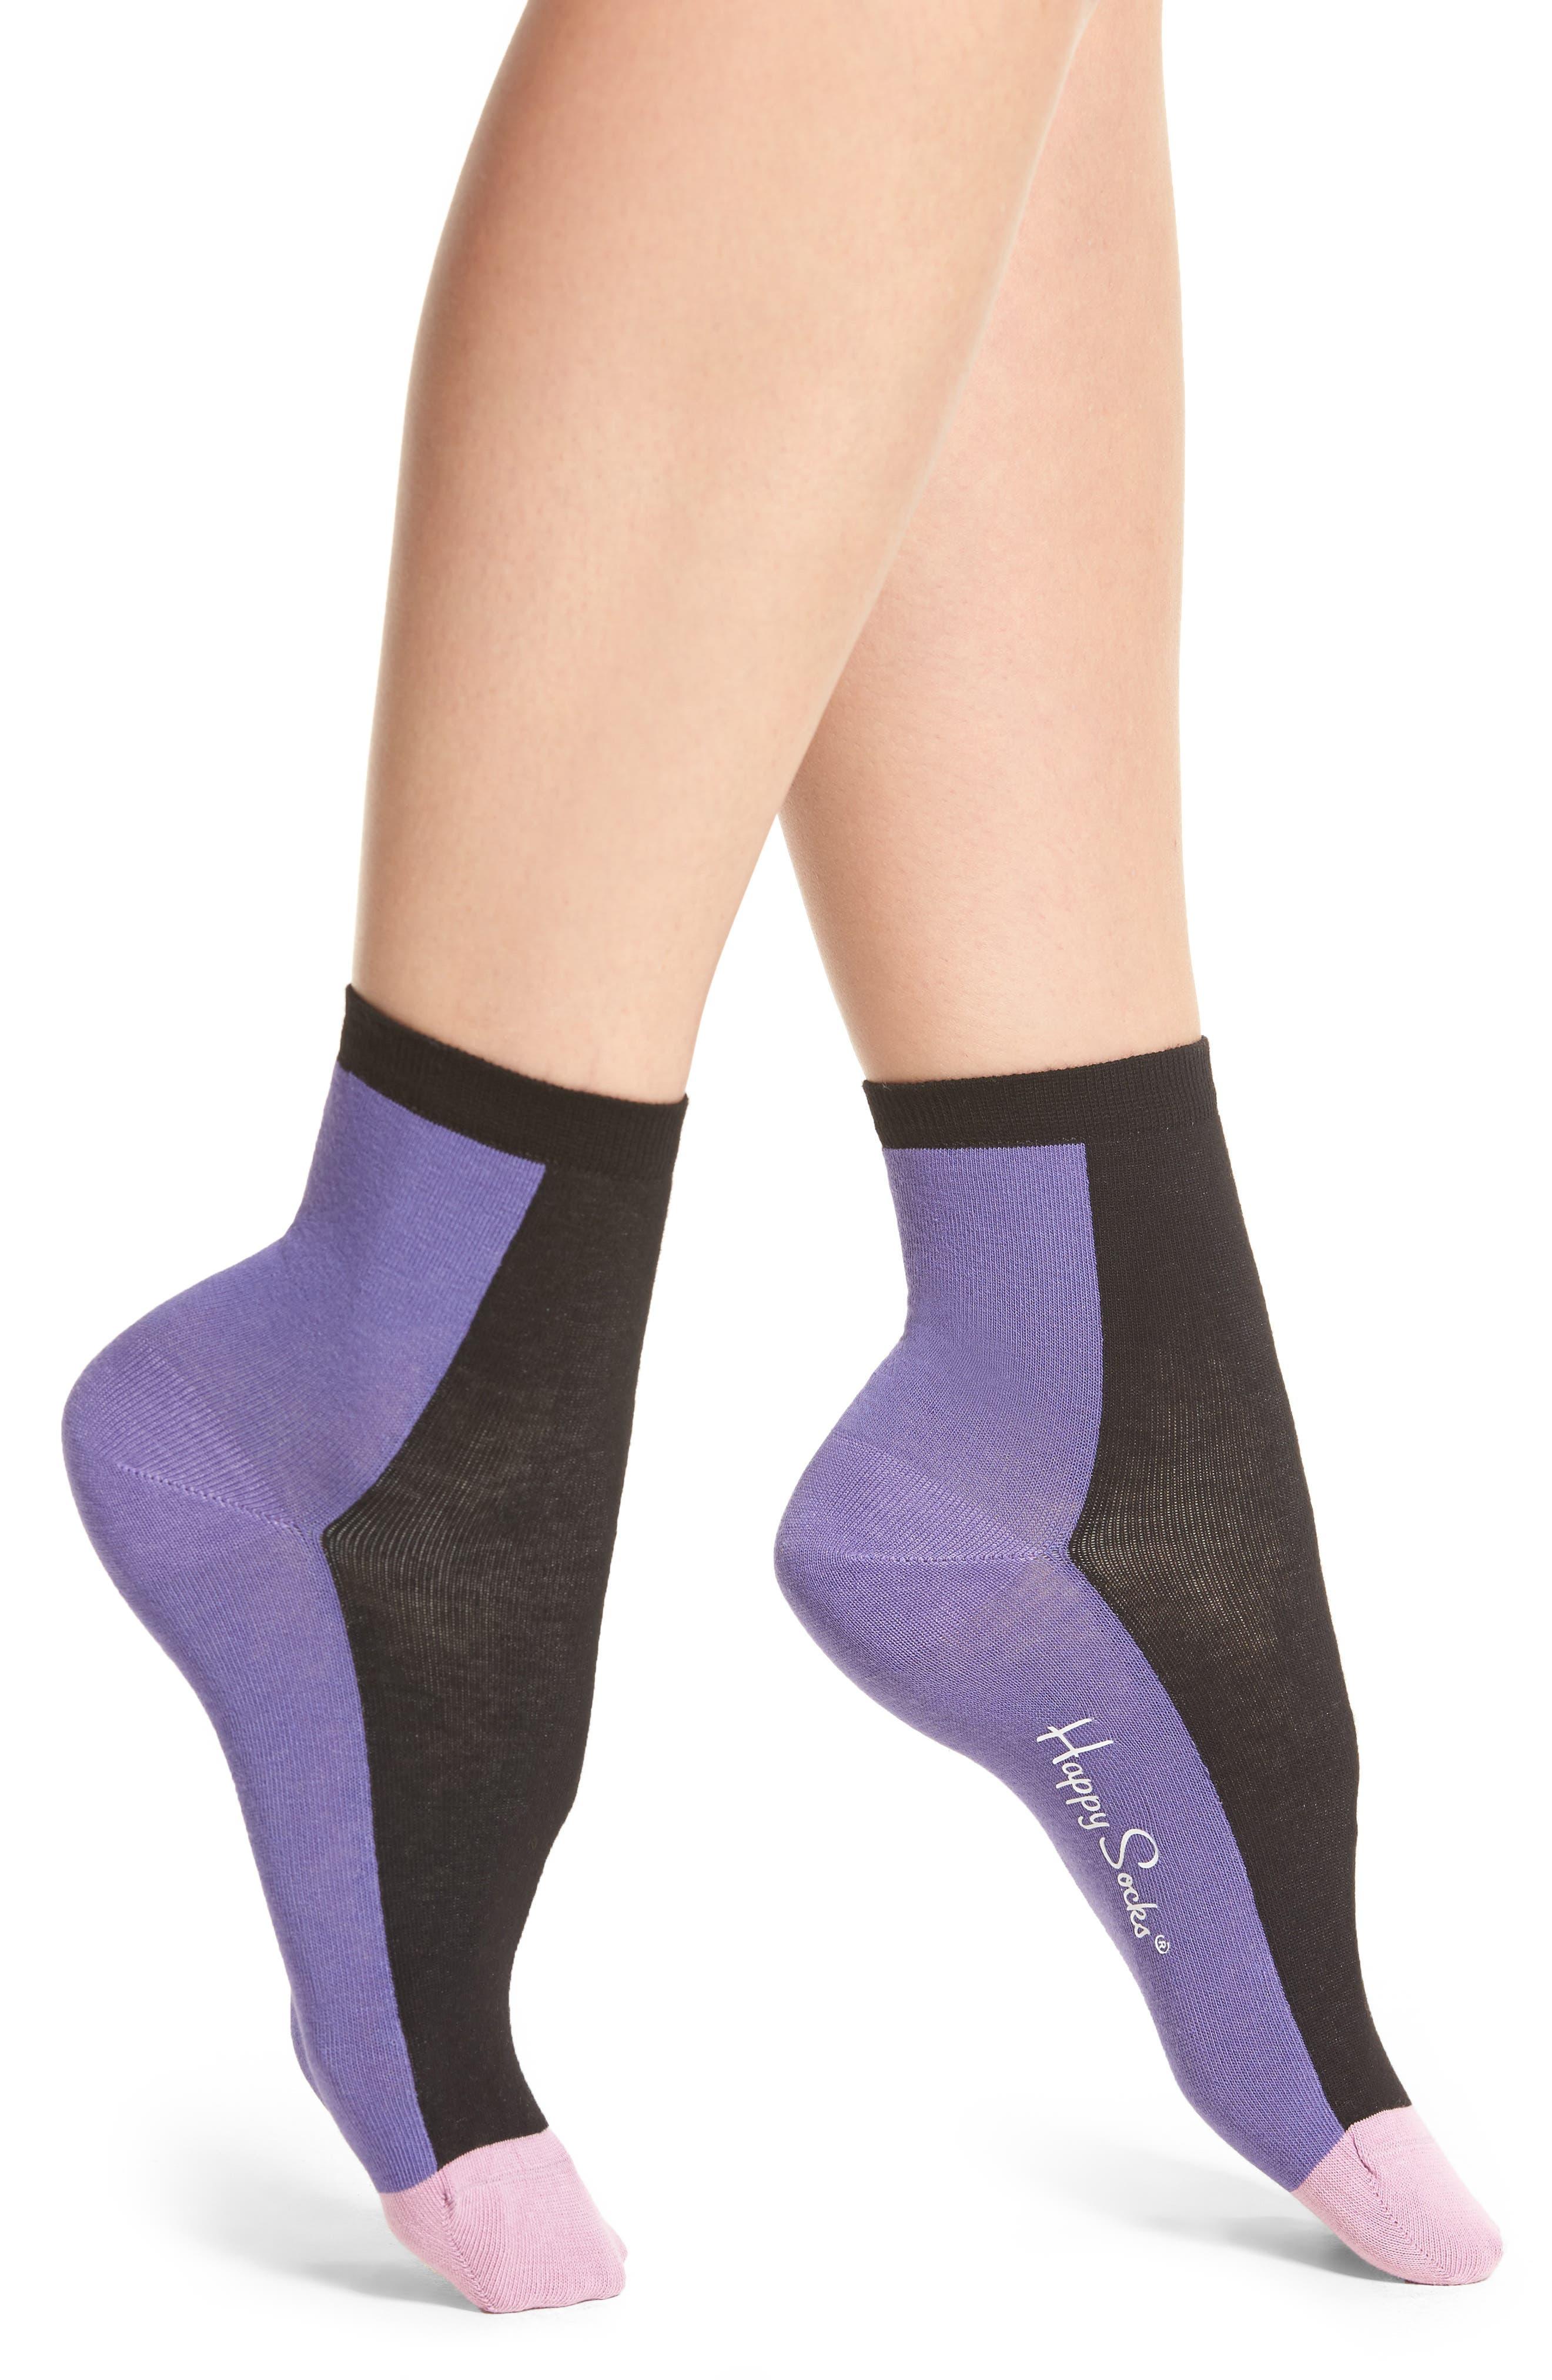 Anklet Socks,                             Alternate thumbnail 2, color,                             015